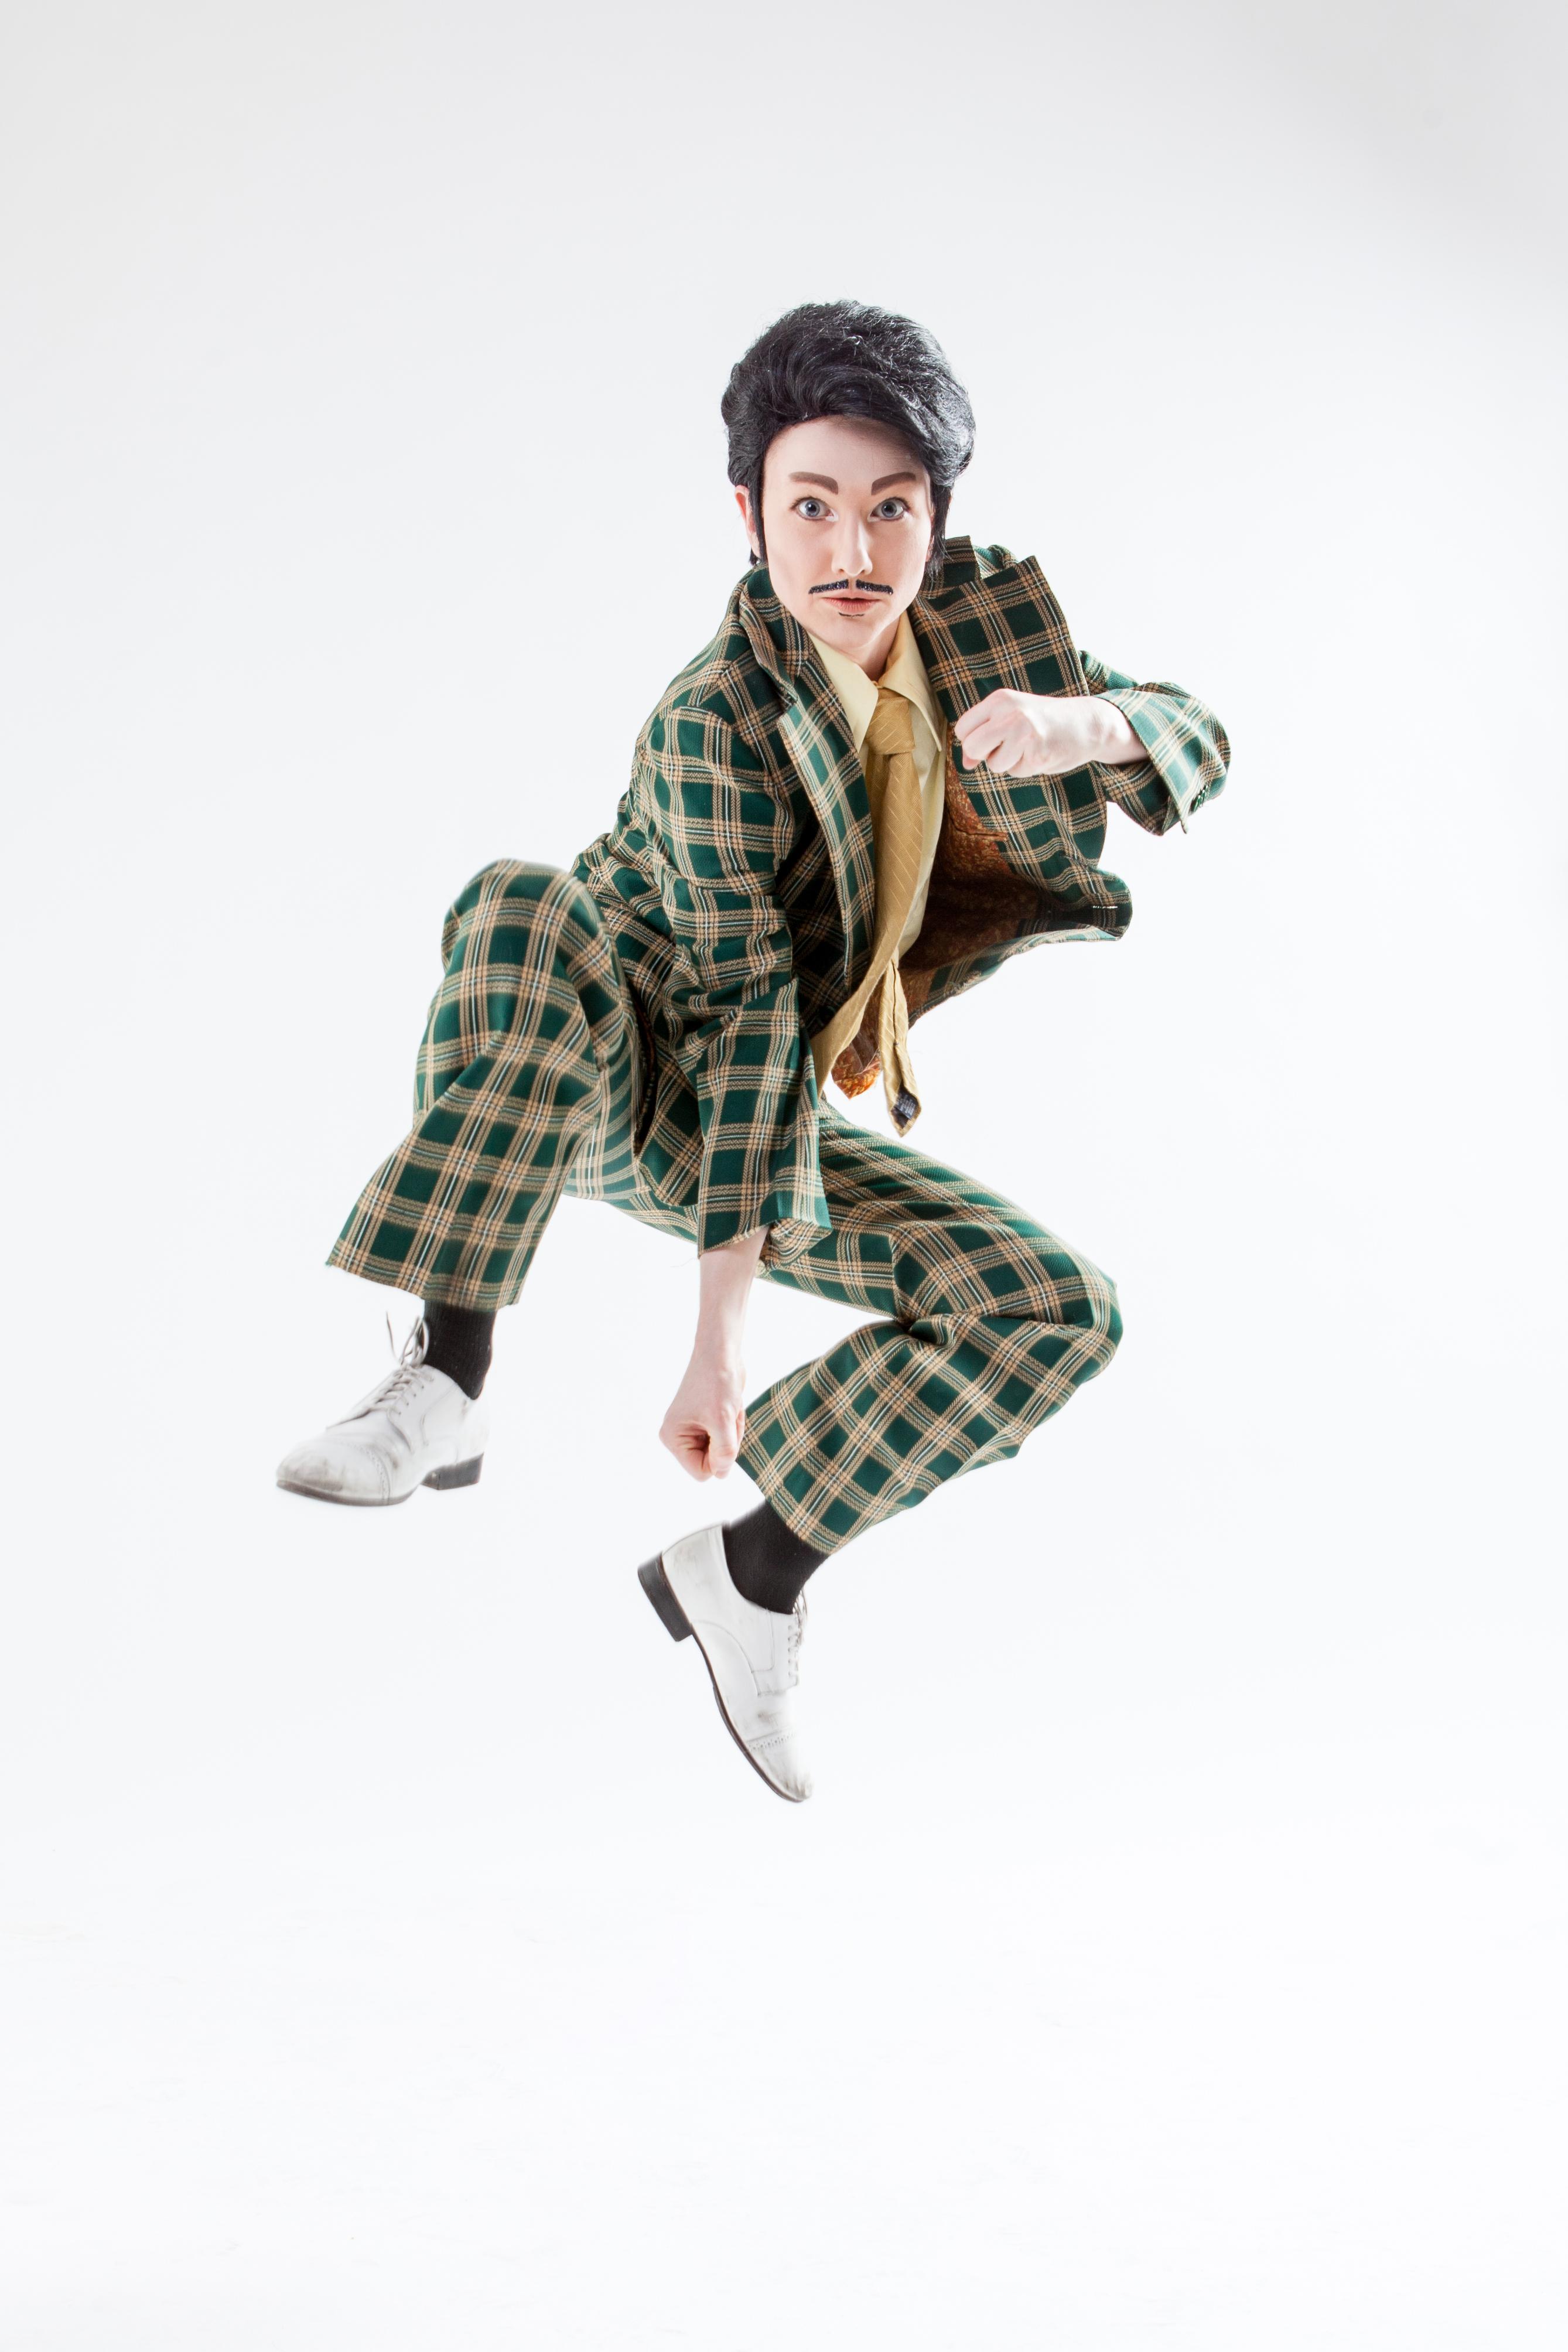 Lou jump Eric Paguio